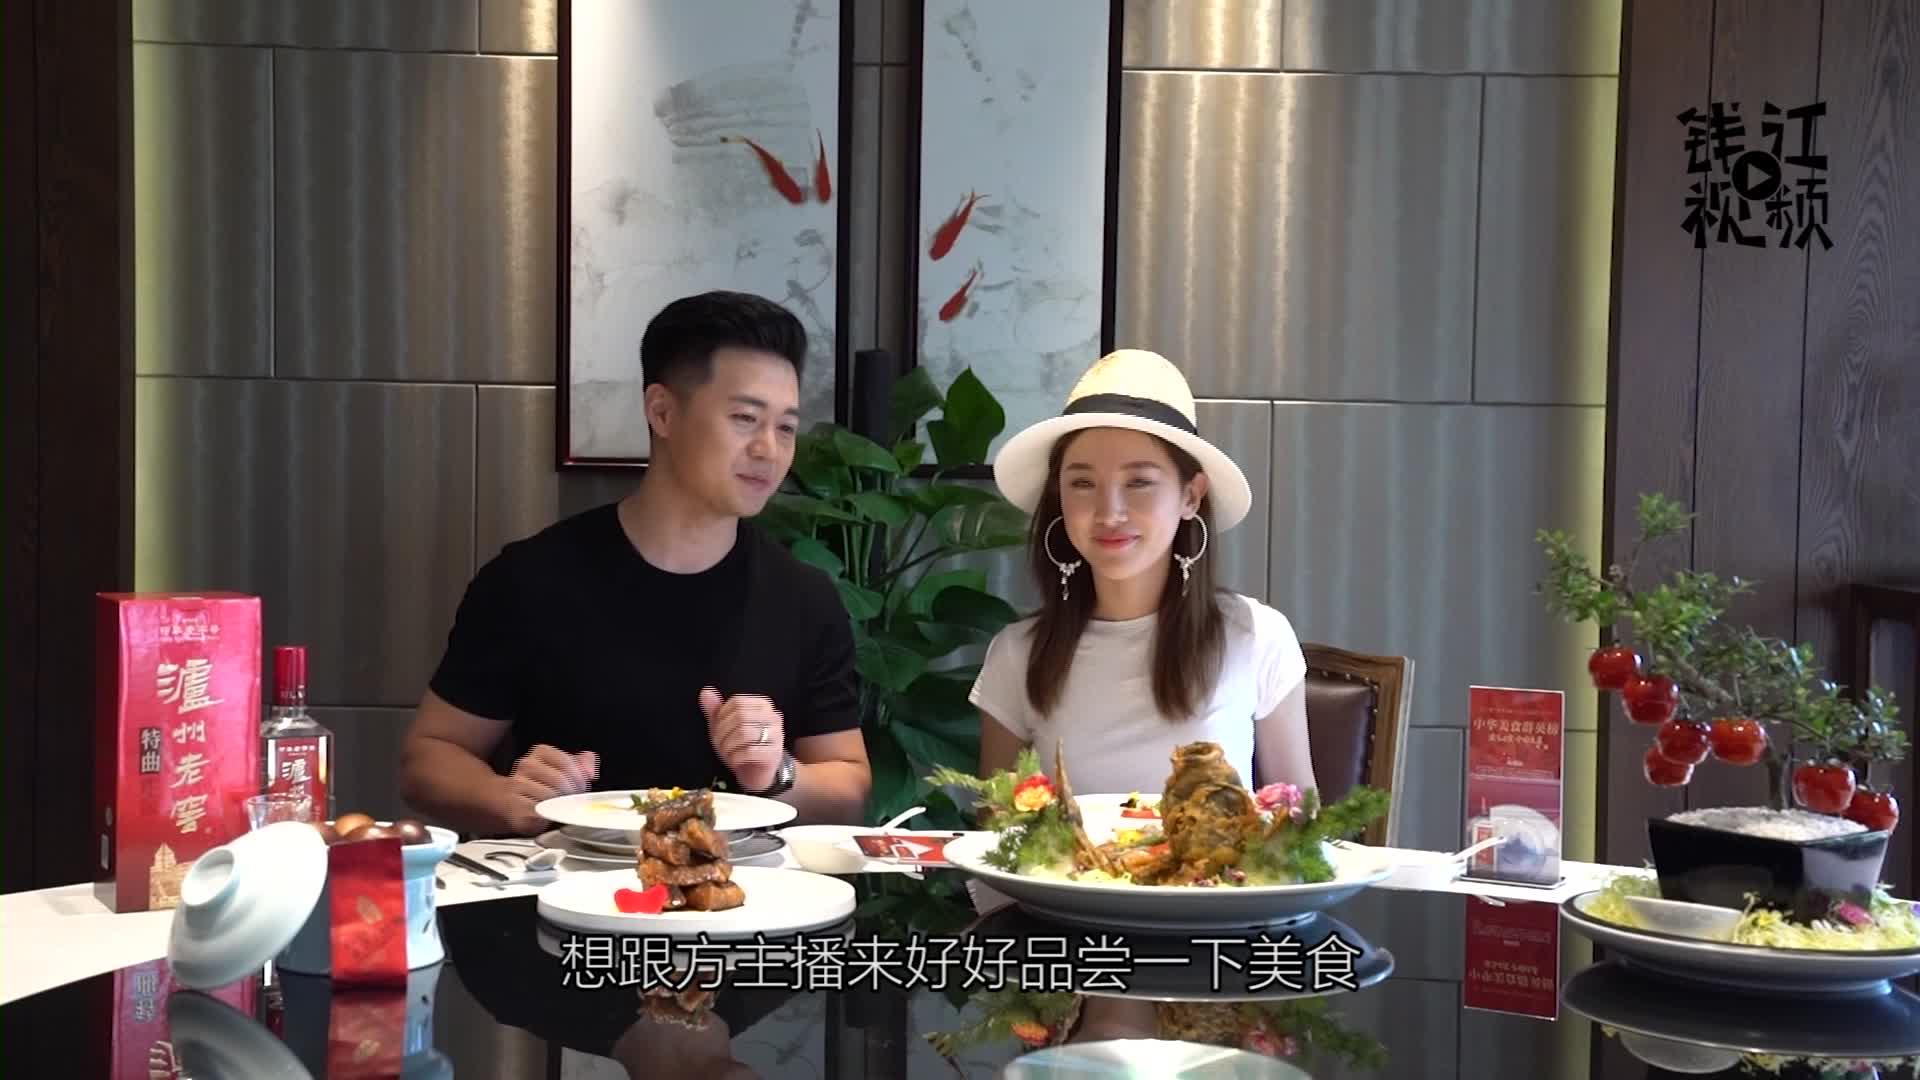 在杭州吃上海熏鱼是什么体验